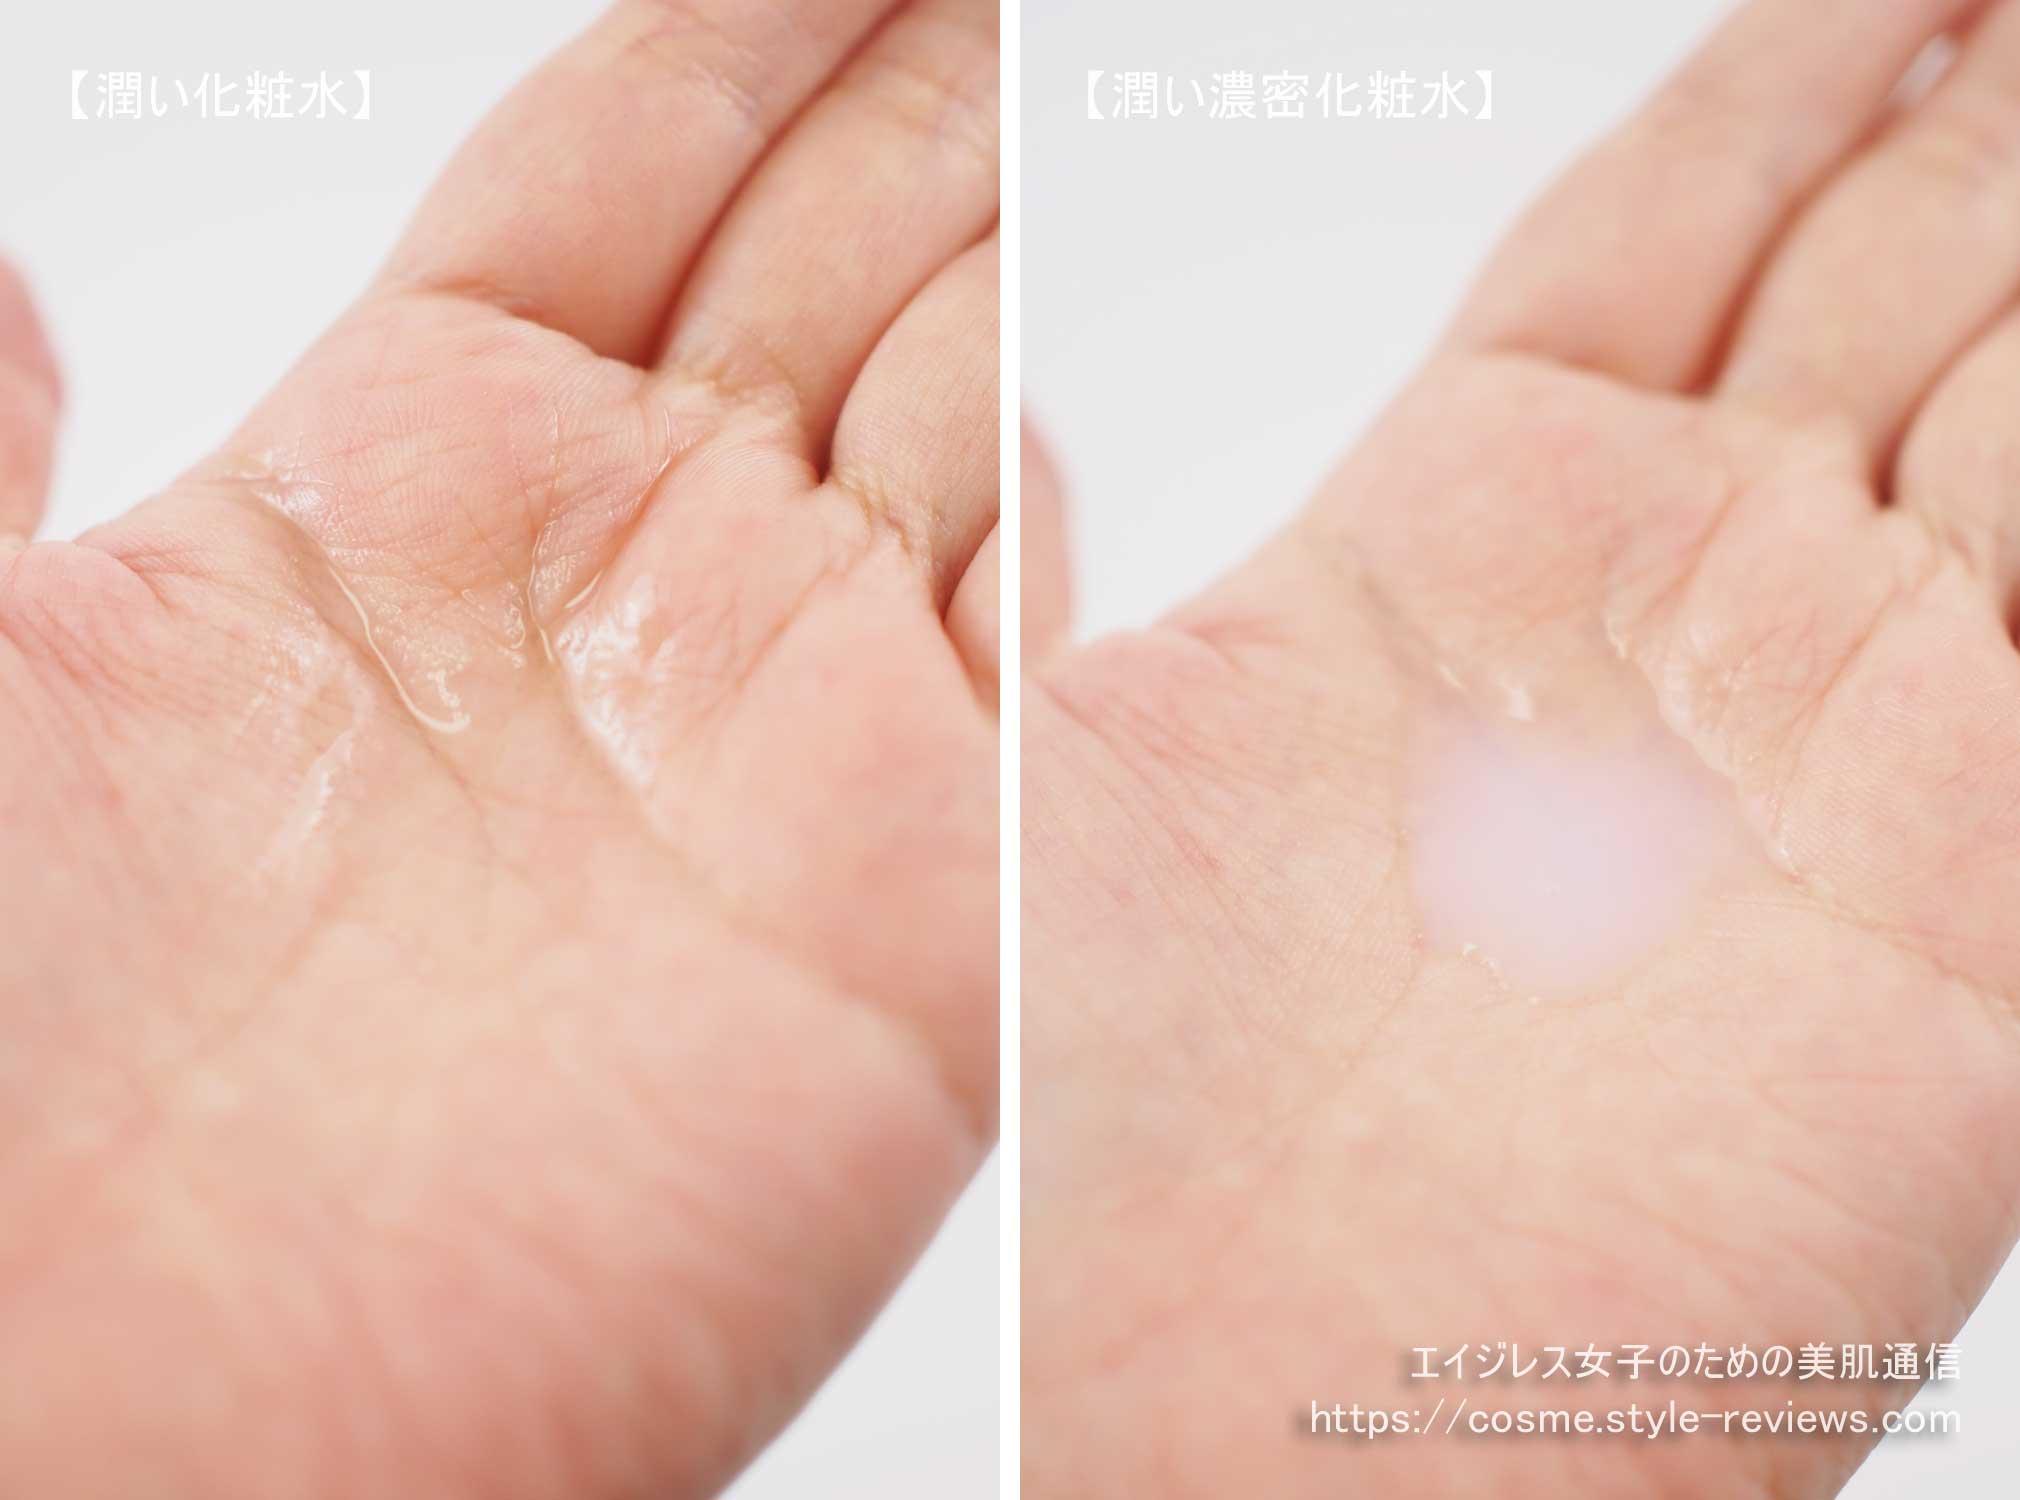 ももぷり潤い化粧水と潤い濃密化粧水の違い